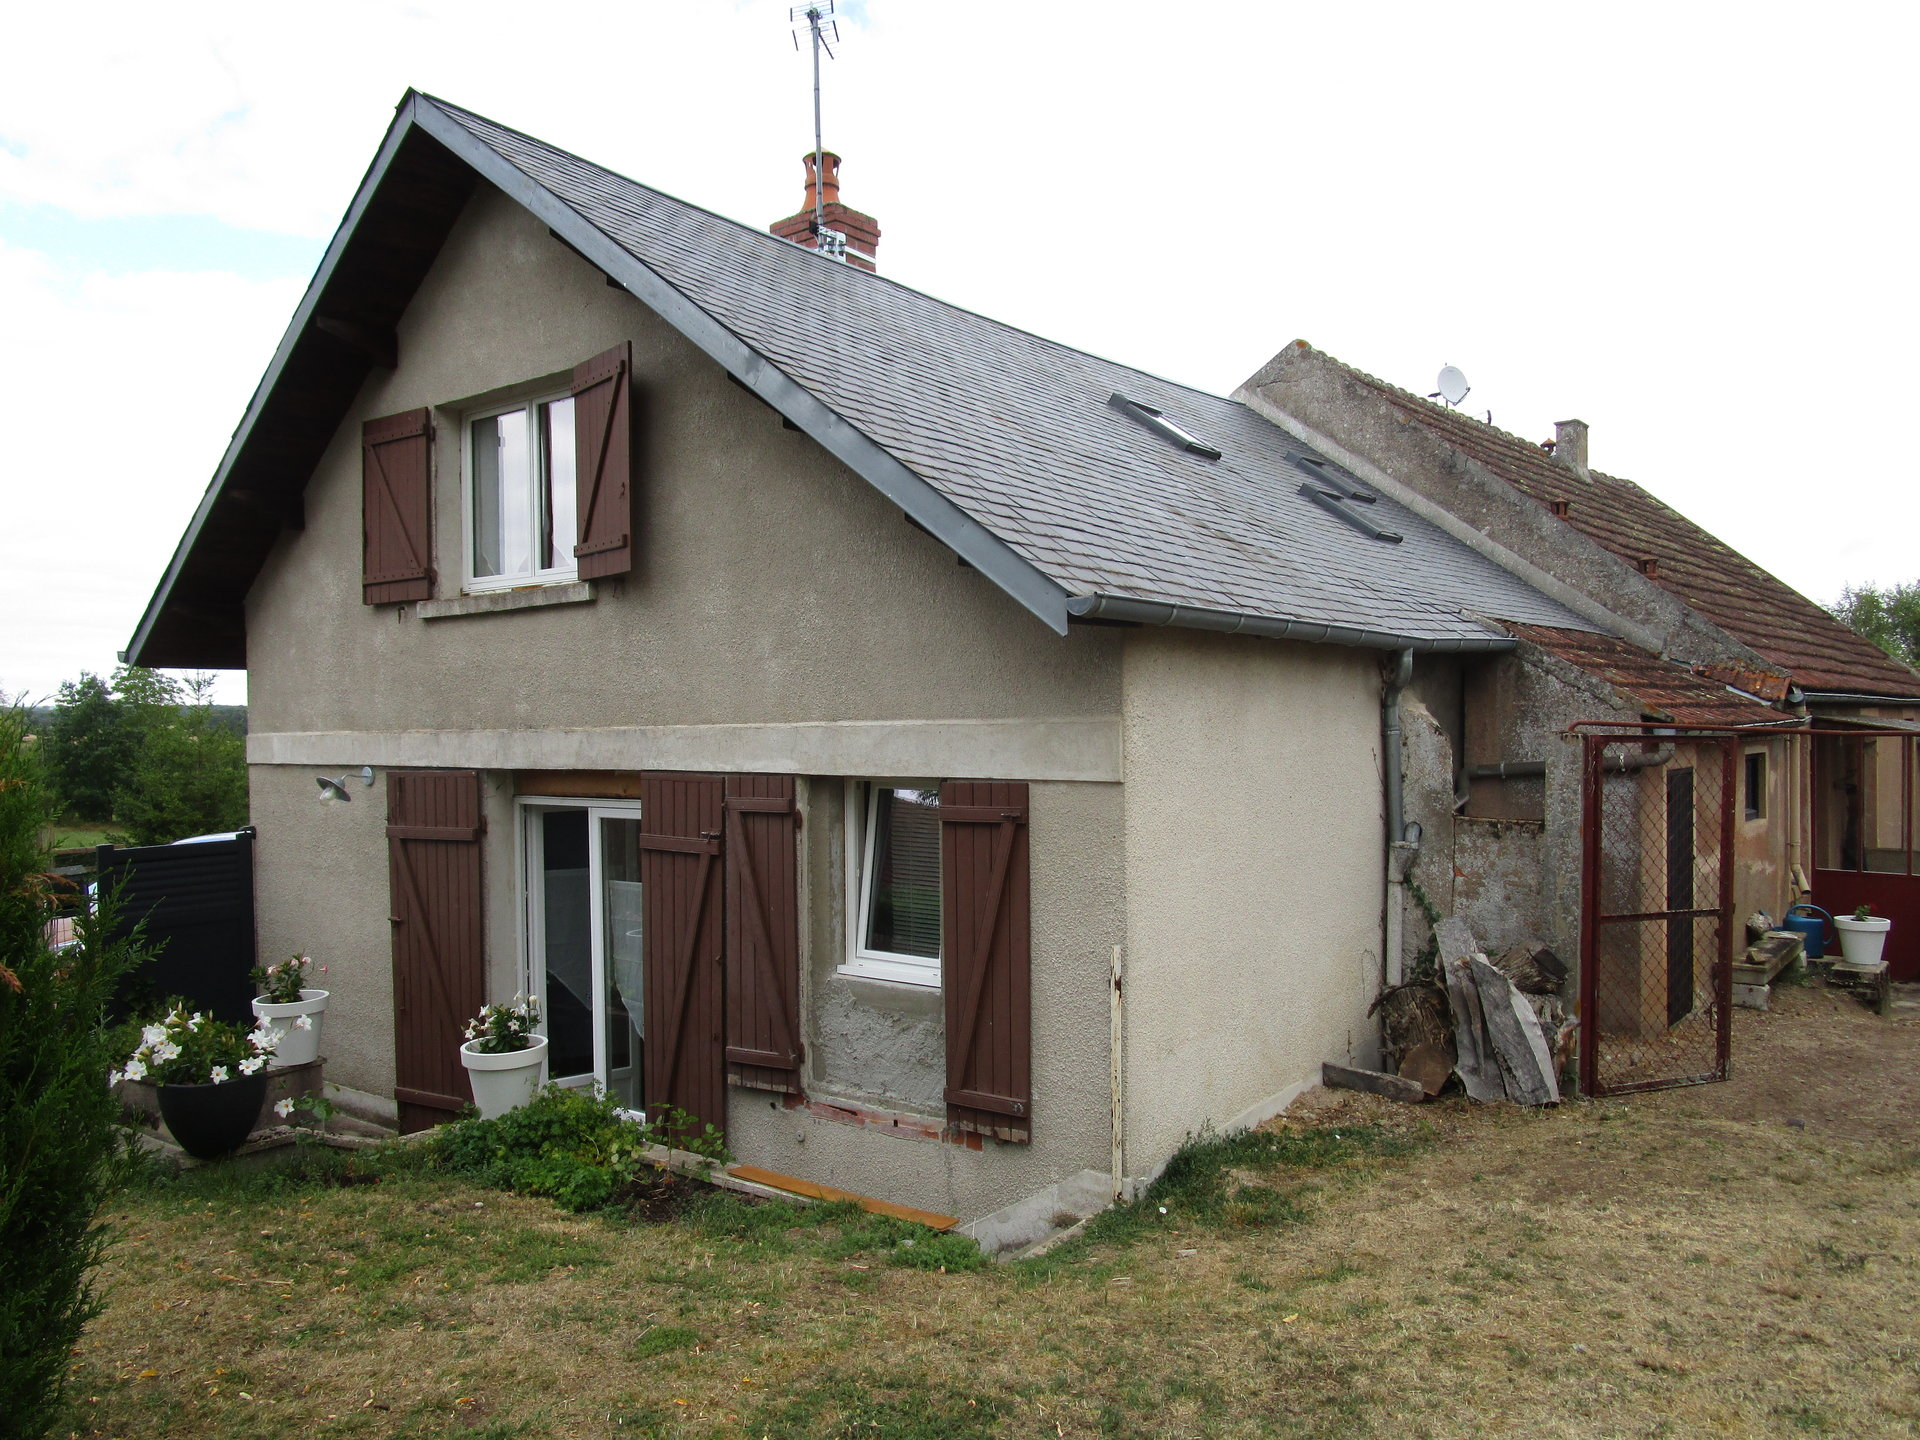 Twee huizen te koop bij jachthaven van Corbigny, Bourgogne